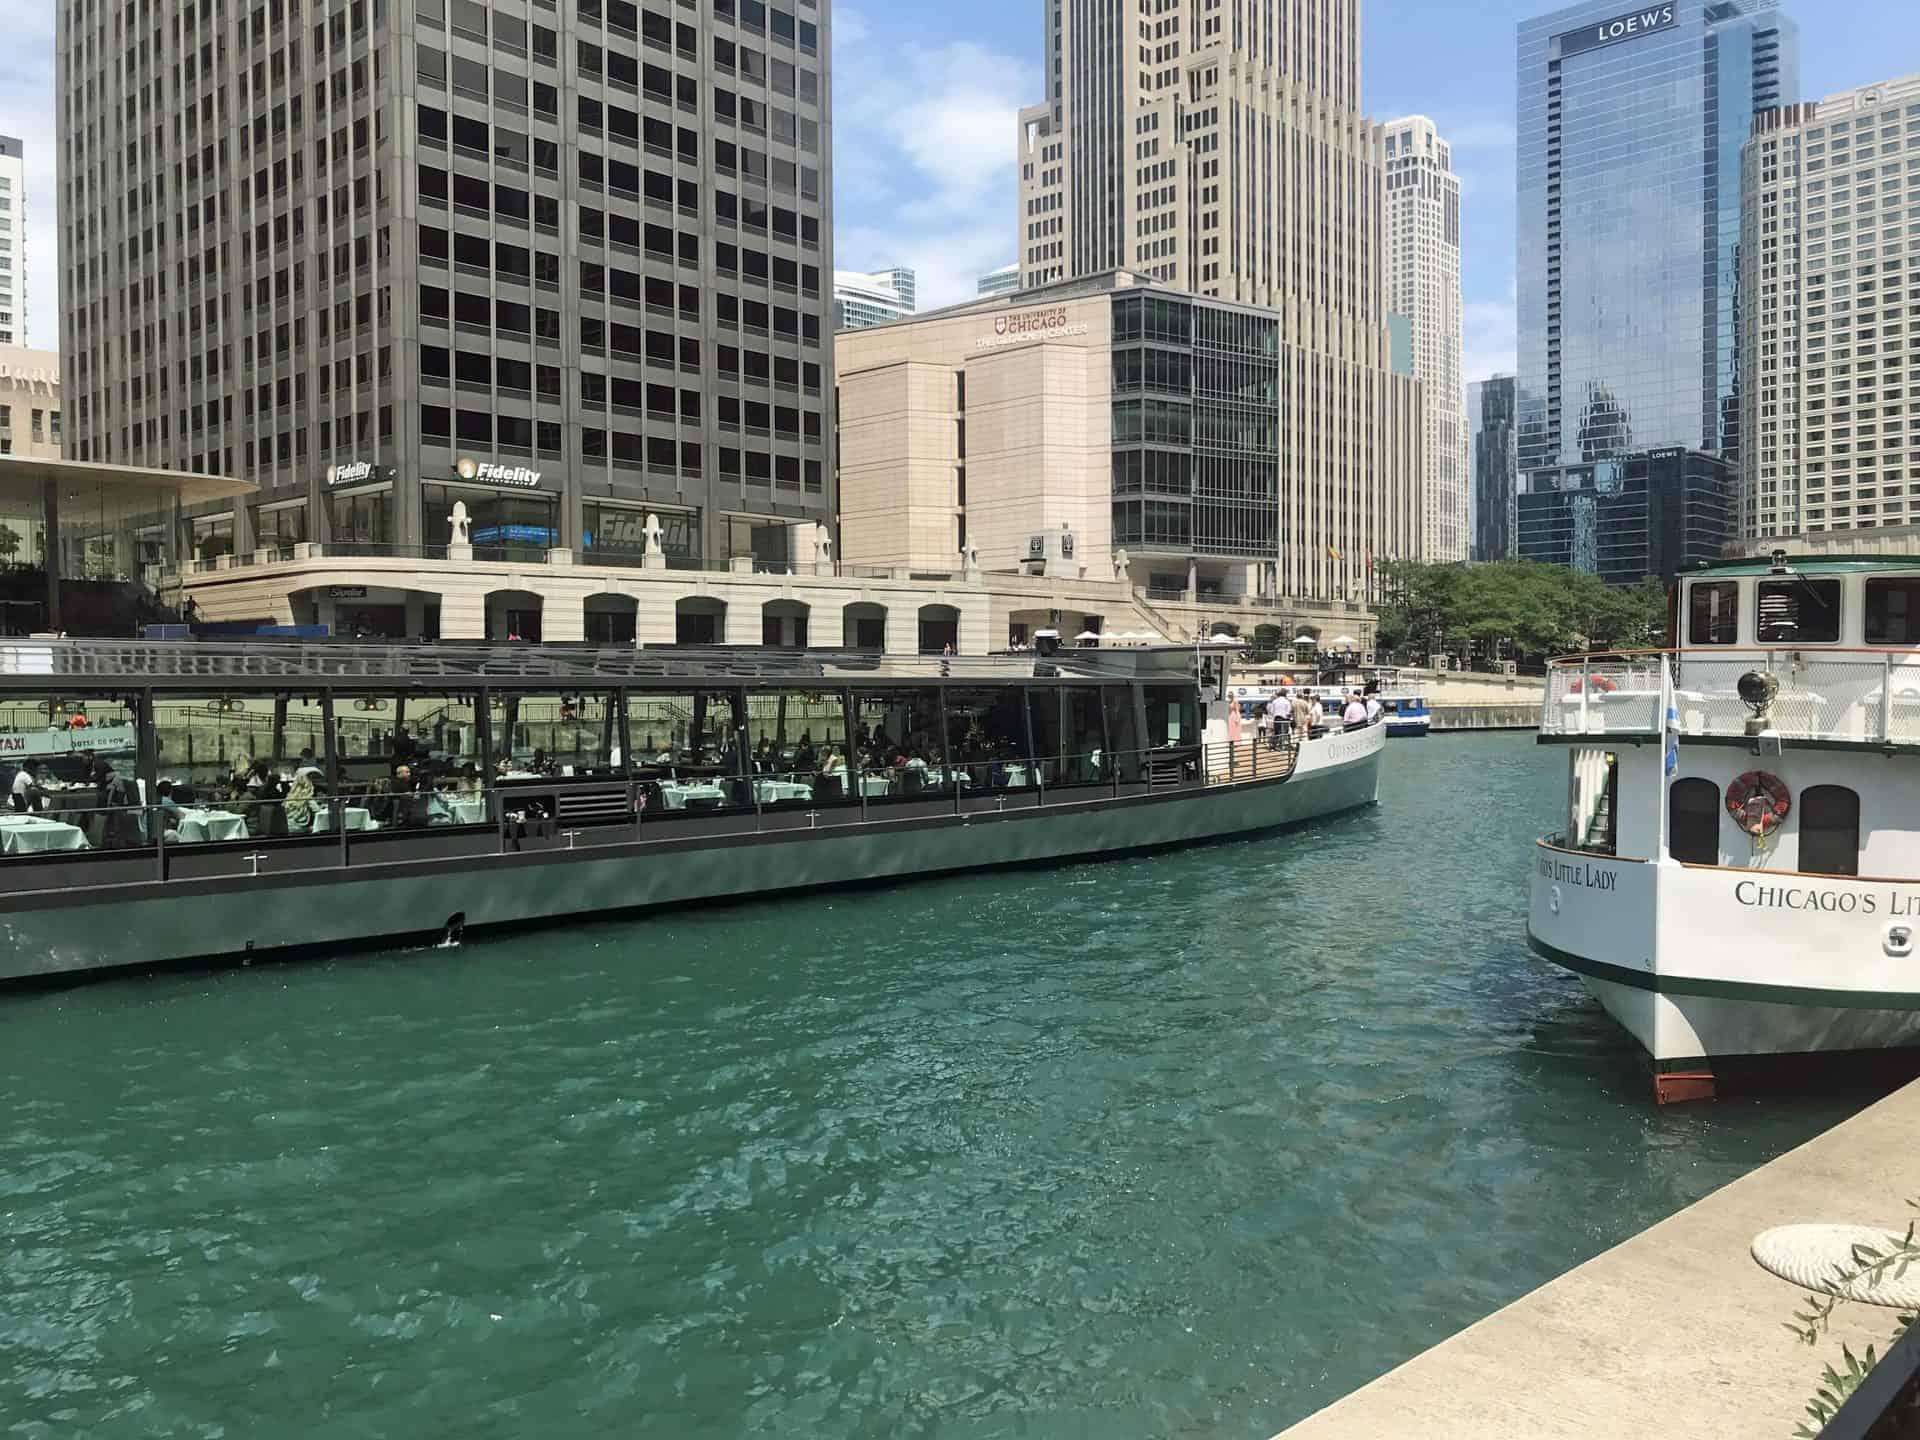 chicagoriverwalk_Point 8.1 Near Chicago Architecture Center dock